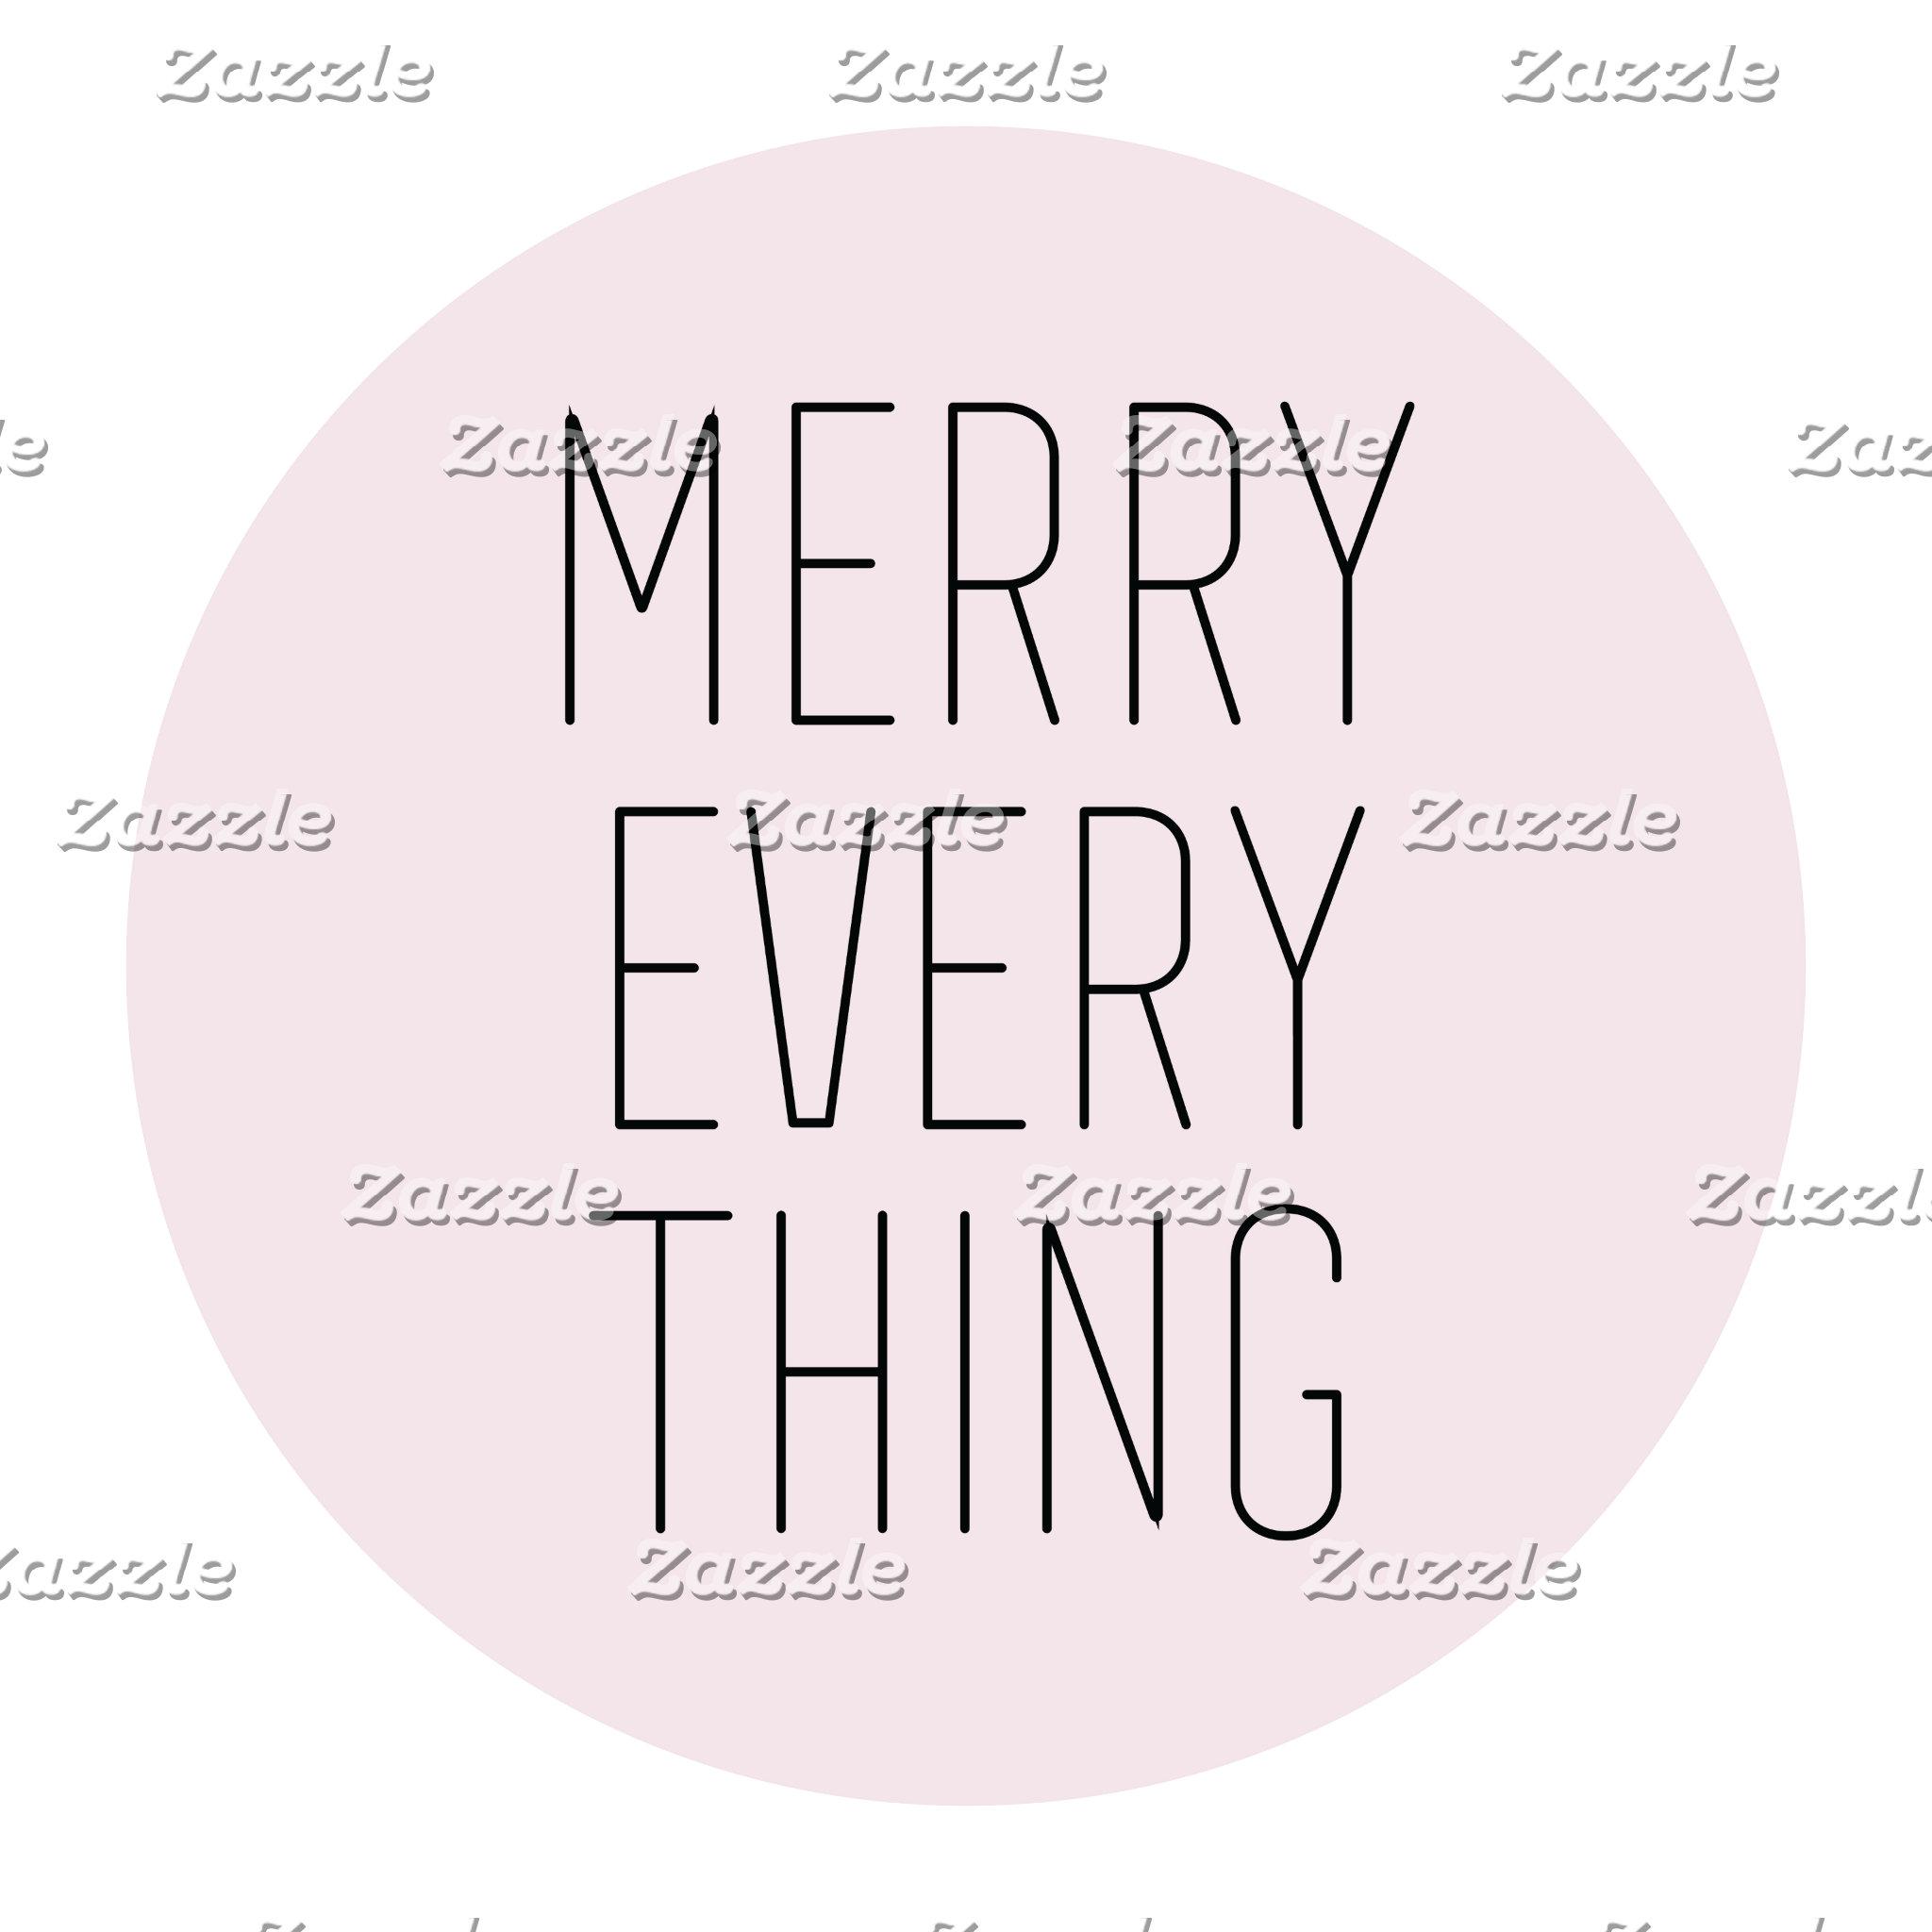 4. happy holidays